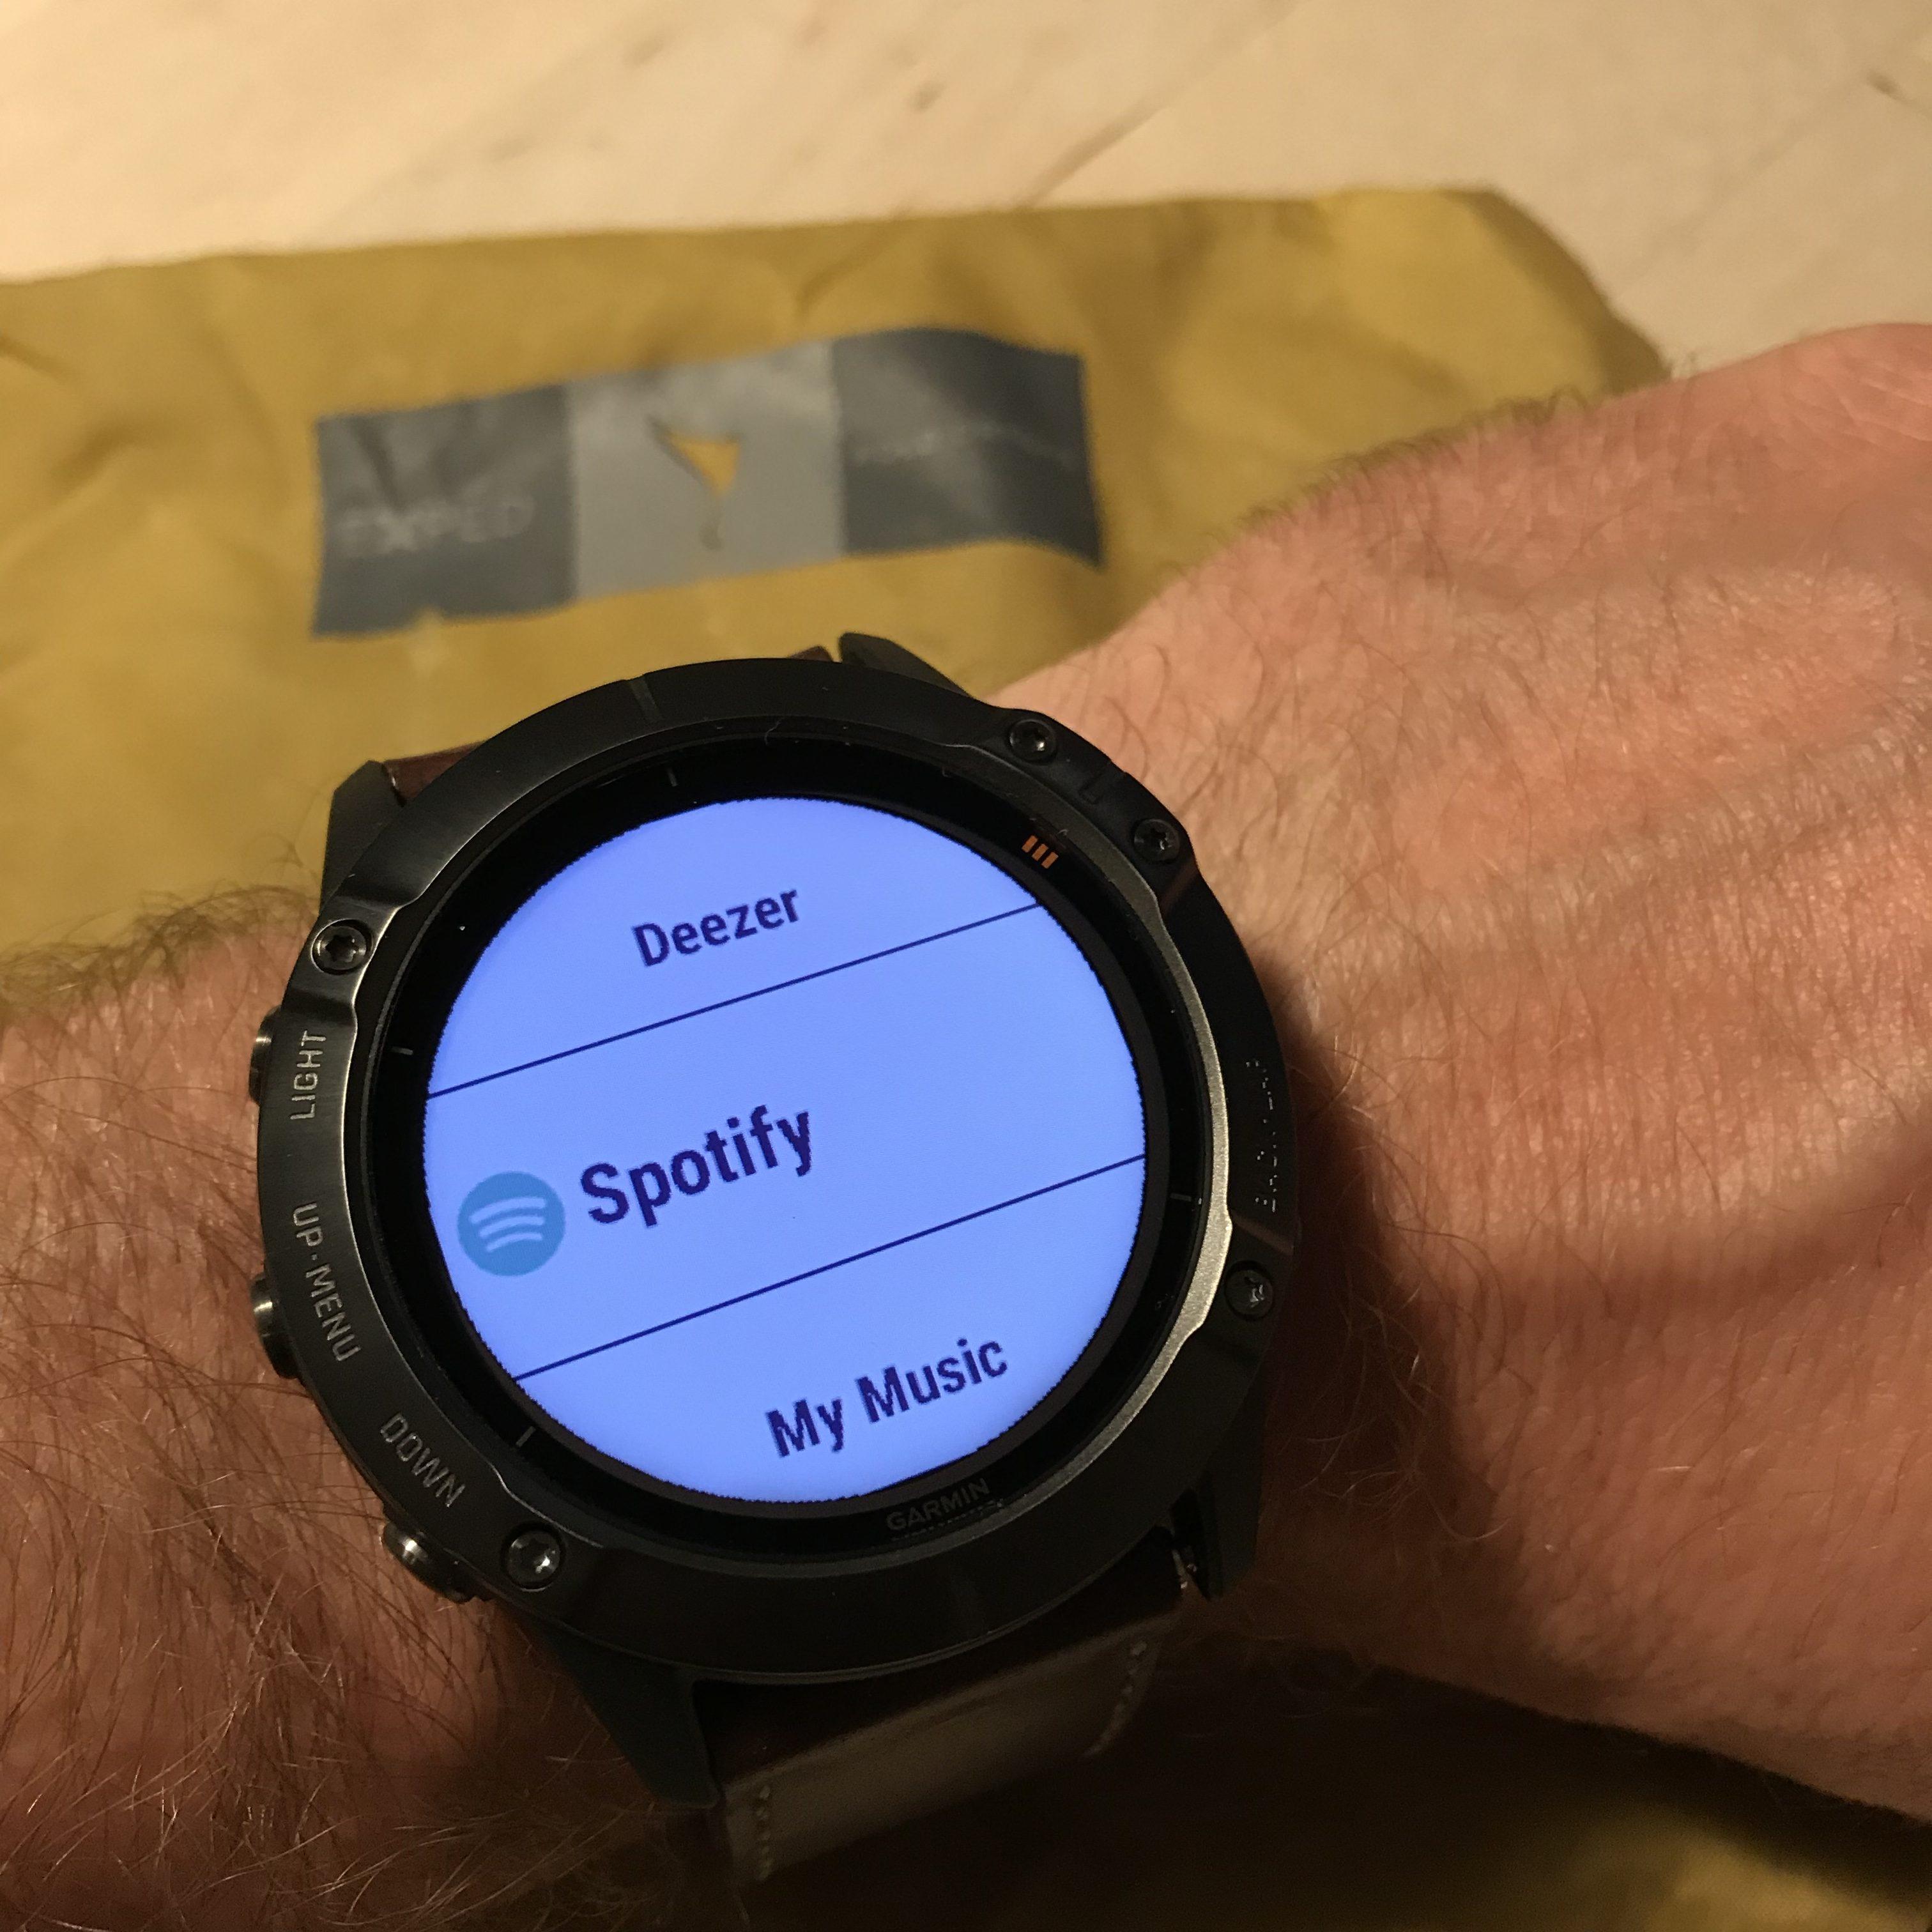 Spotify er den suverænt største musikleverandør i Danmark. Med Fënix 6X Pro Solar kan du have et utal af sange og playlister med på farten, uden at slæbe på din smartphone.